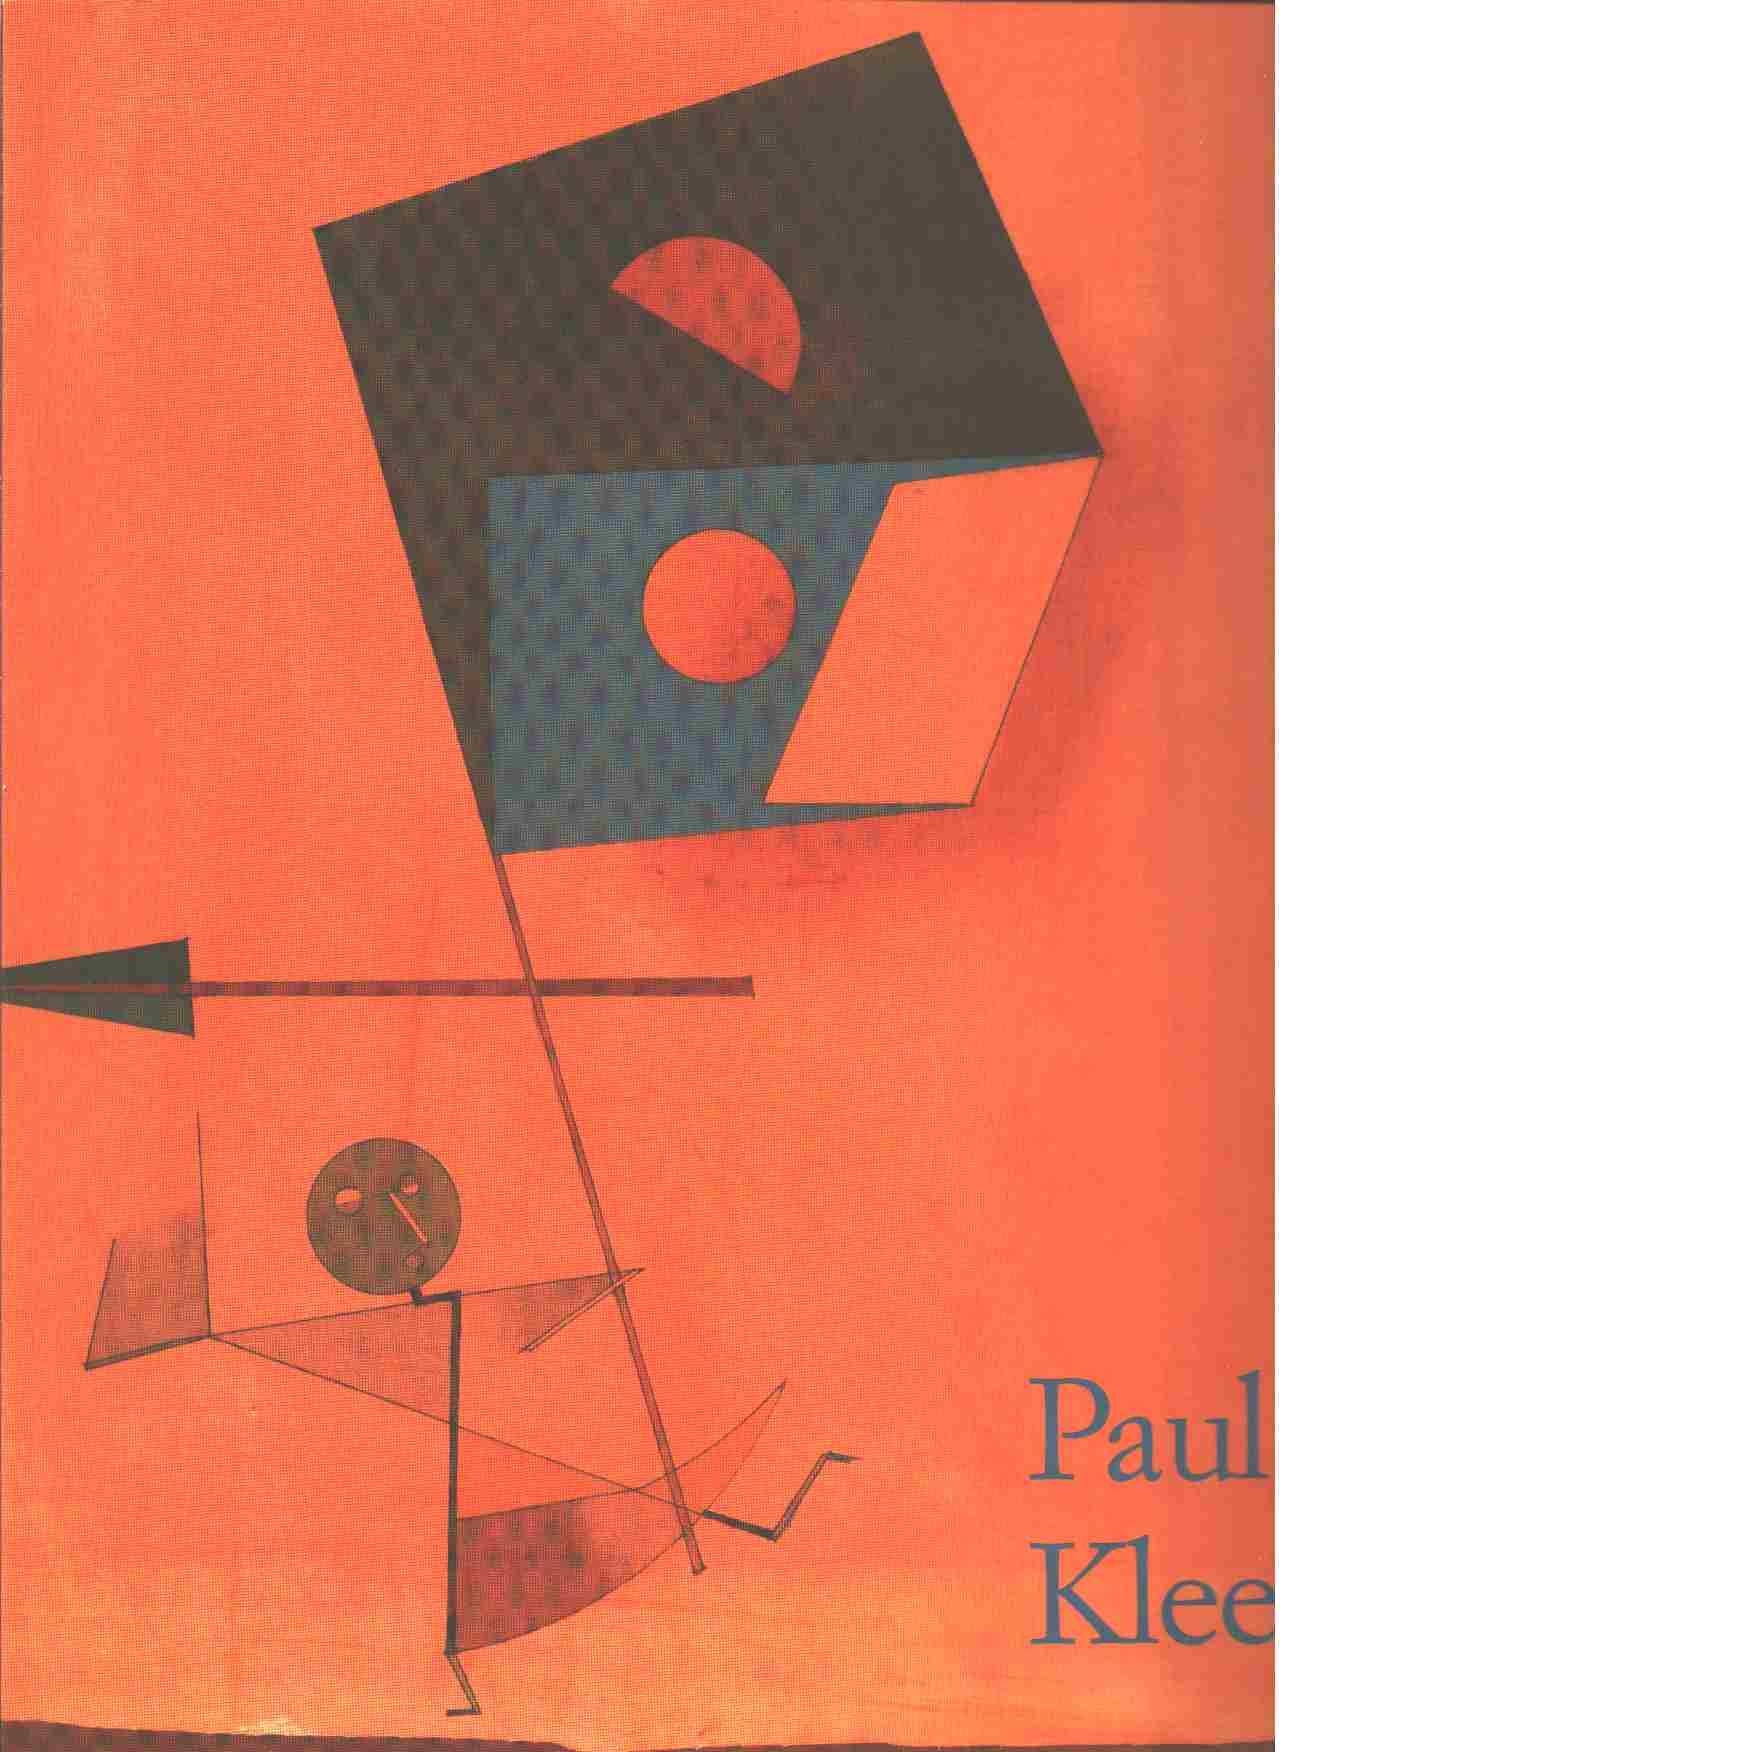 Paul Klee - Partsch, Susanna